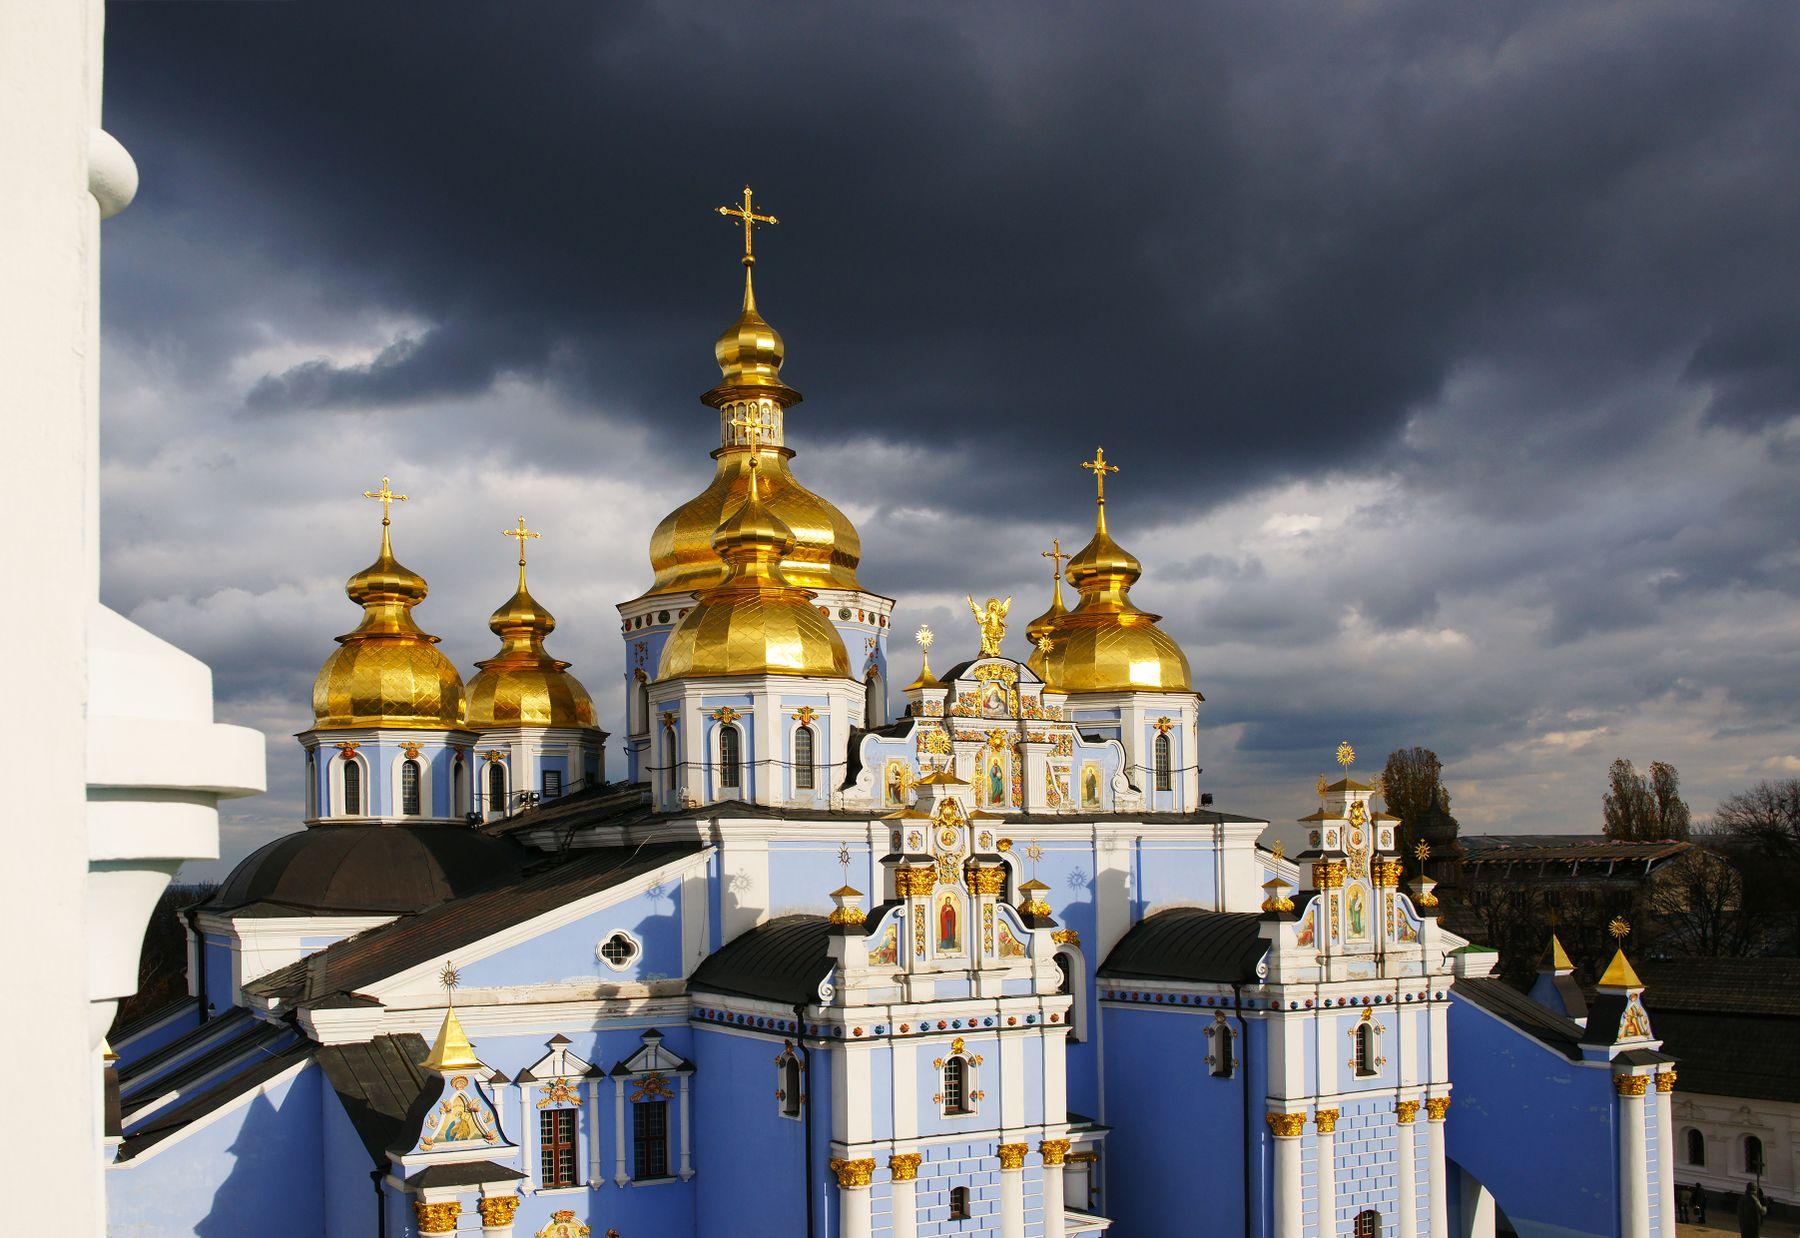 Гроза собирается Михайловский собор Киев вечер